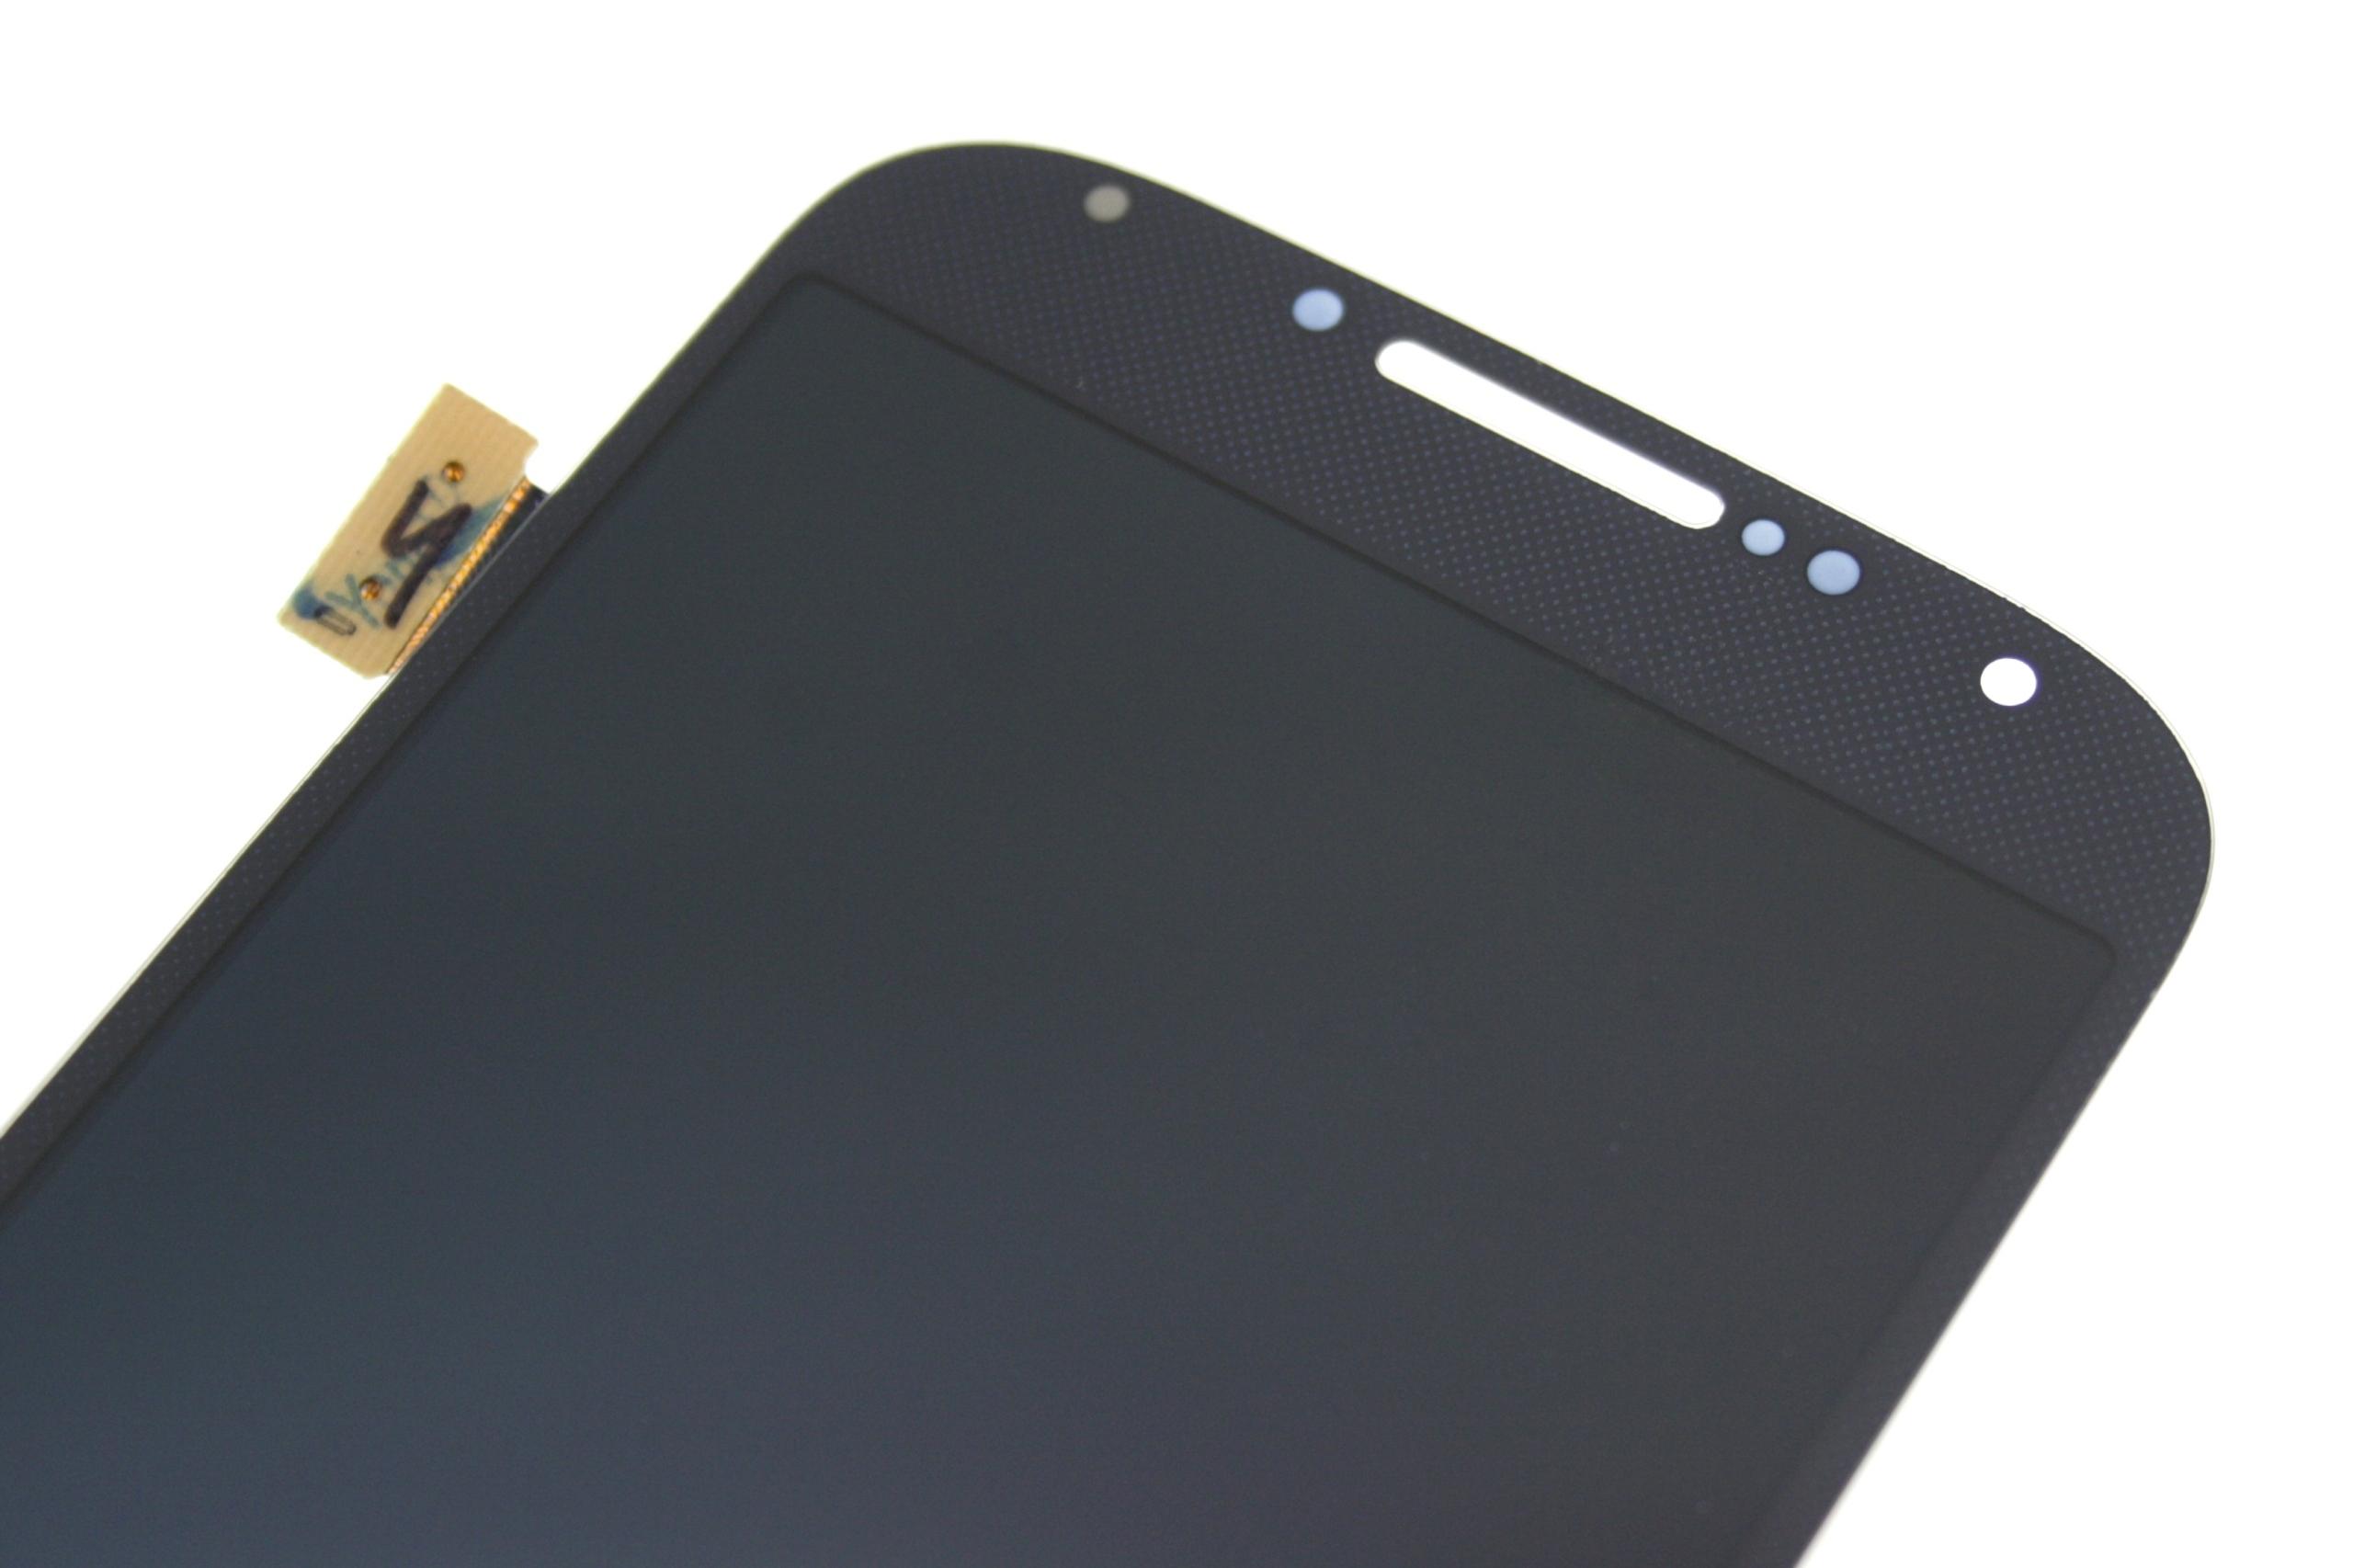 LCD WYŚWIETLACZ SAMSUNG GALAXY S4 GT-I9515 CZARNY